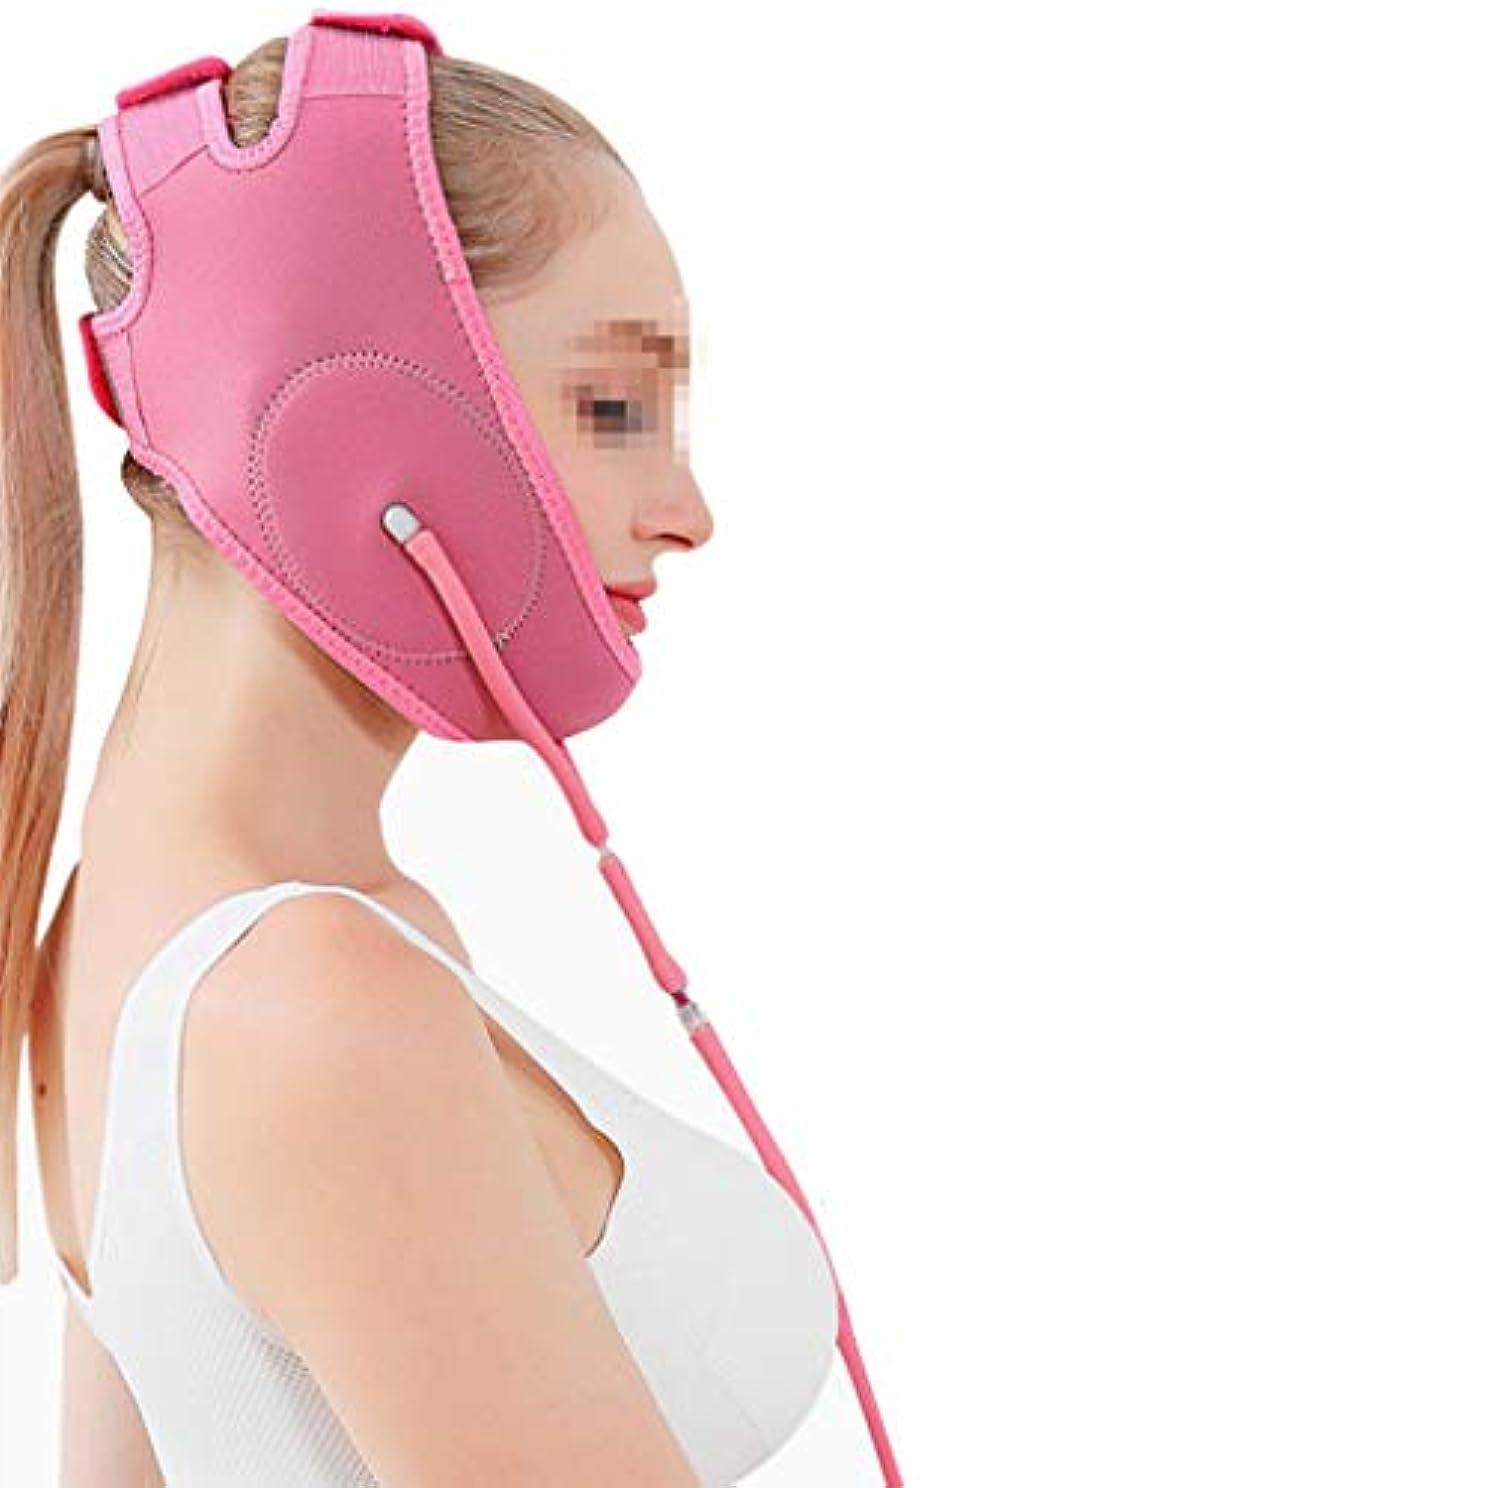 事実天窓約XHLMRMJ 空気圧薄いフェイスベルト、マスク小さなVフェイス圧力リフティングシェーピングかみ傷筋肉引き締めパターン二重あご包帯薄いフェイス包帯マルチカラーオプション (Color : Pink)